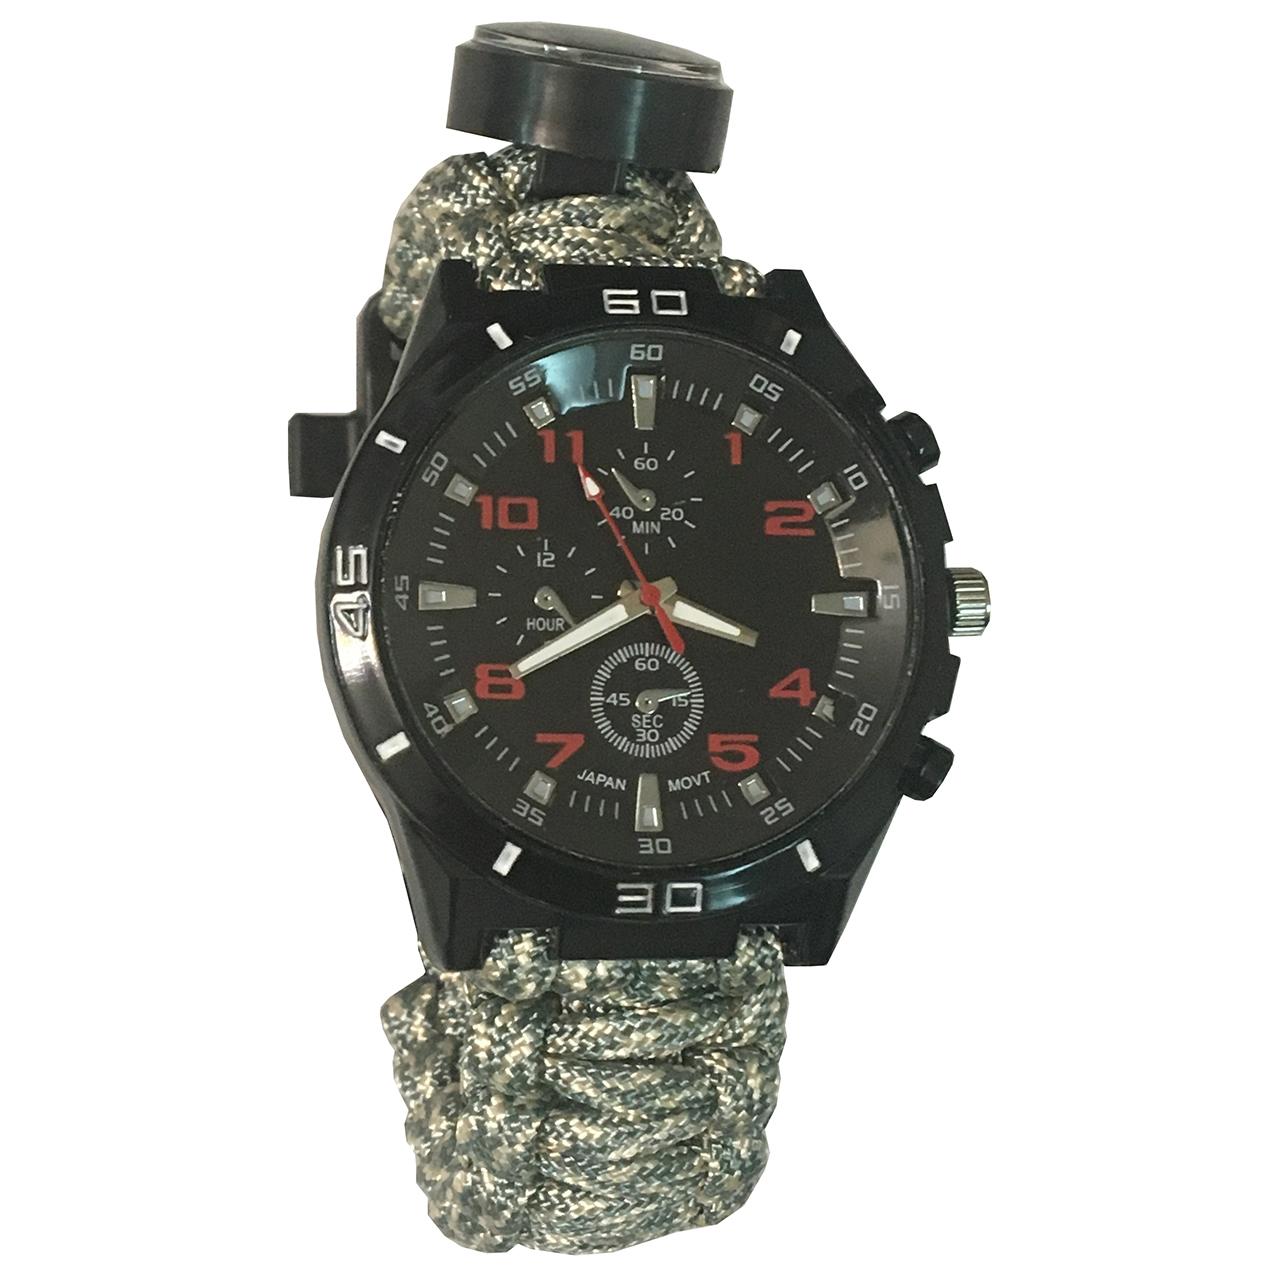 ساعت مچی عقربه ای پاراکورد مدل survival watch